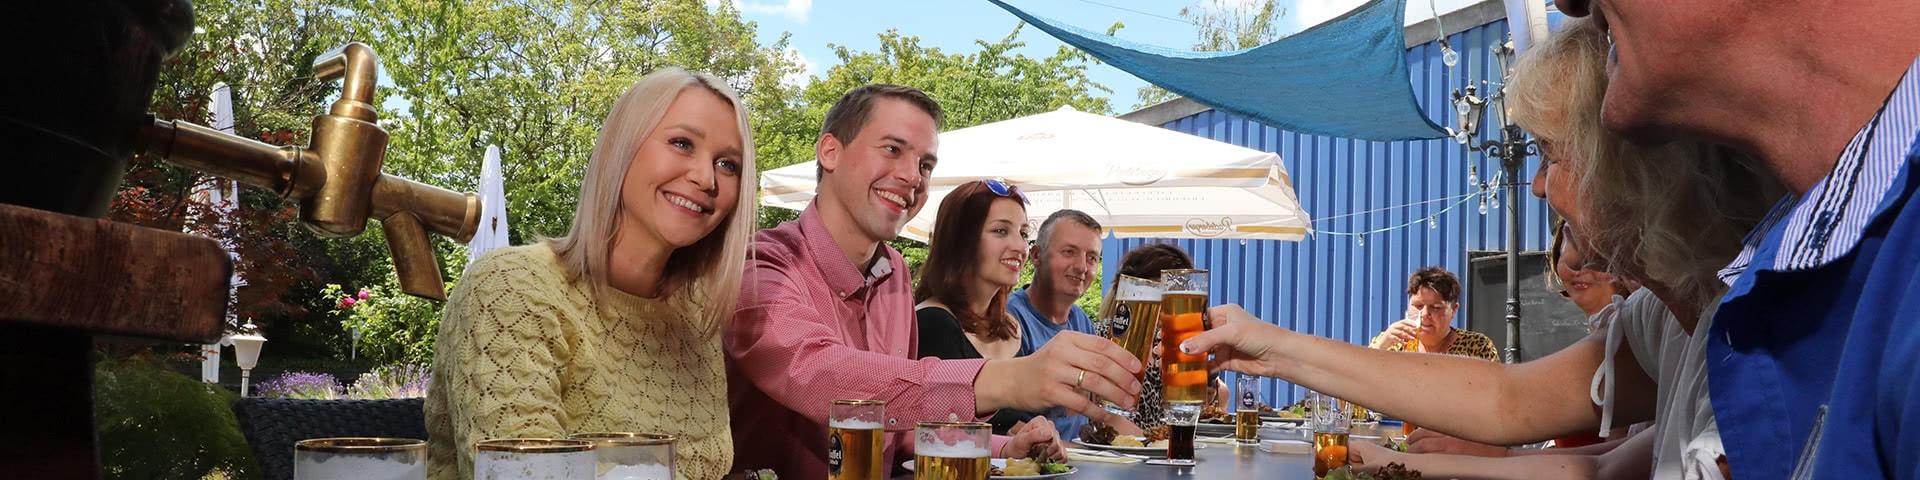 Gruppe isst gemeinsam in einem Biergarten in Grefrath